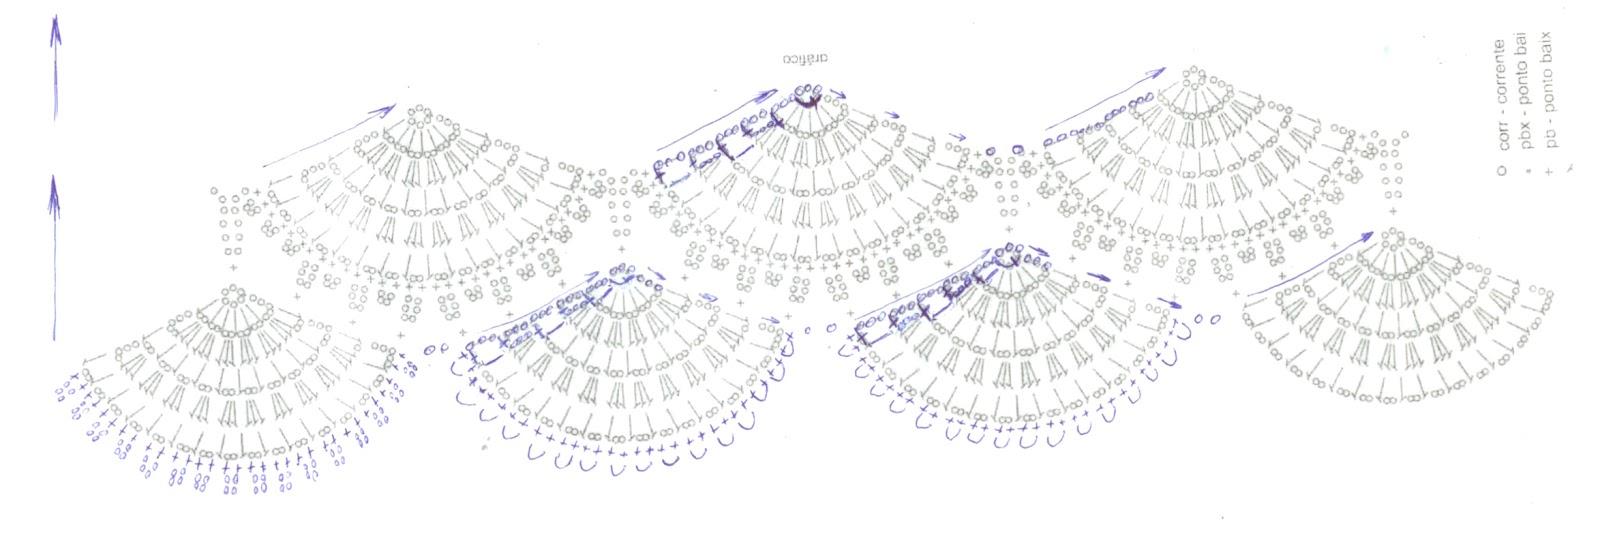 %C5%9Femal%C4%B1+dantel+bluz+modeli(2) Şemalı Yazlık Bayan Örgü Modelleri